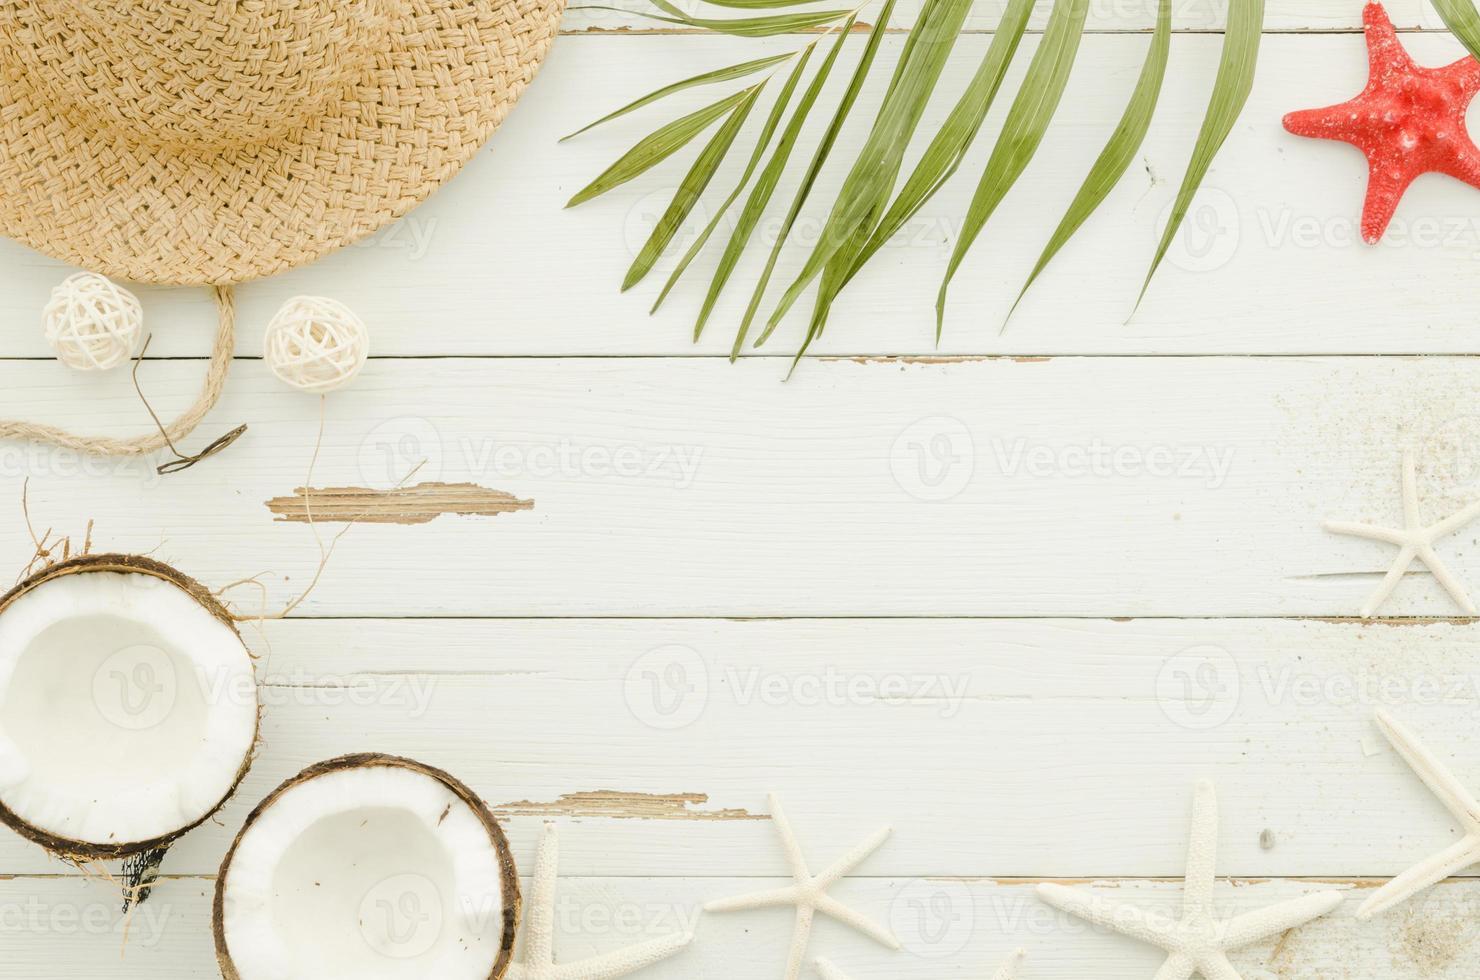 chapéu de palha, estrelas do mar e folha de palmeira foto